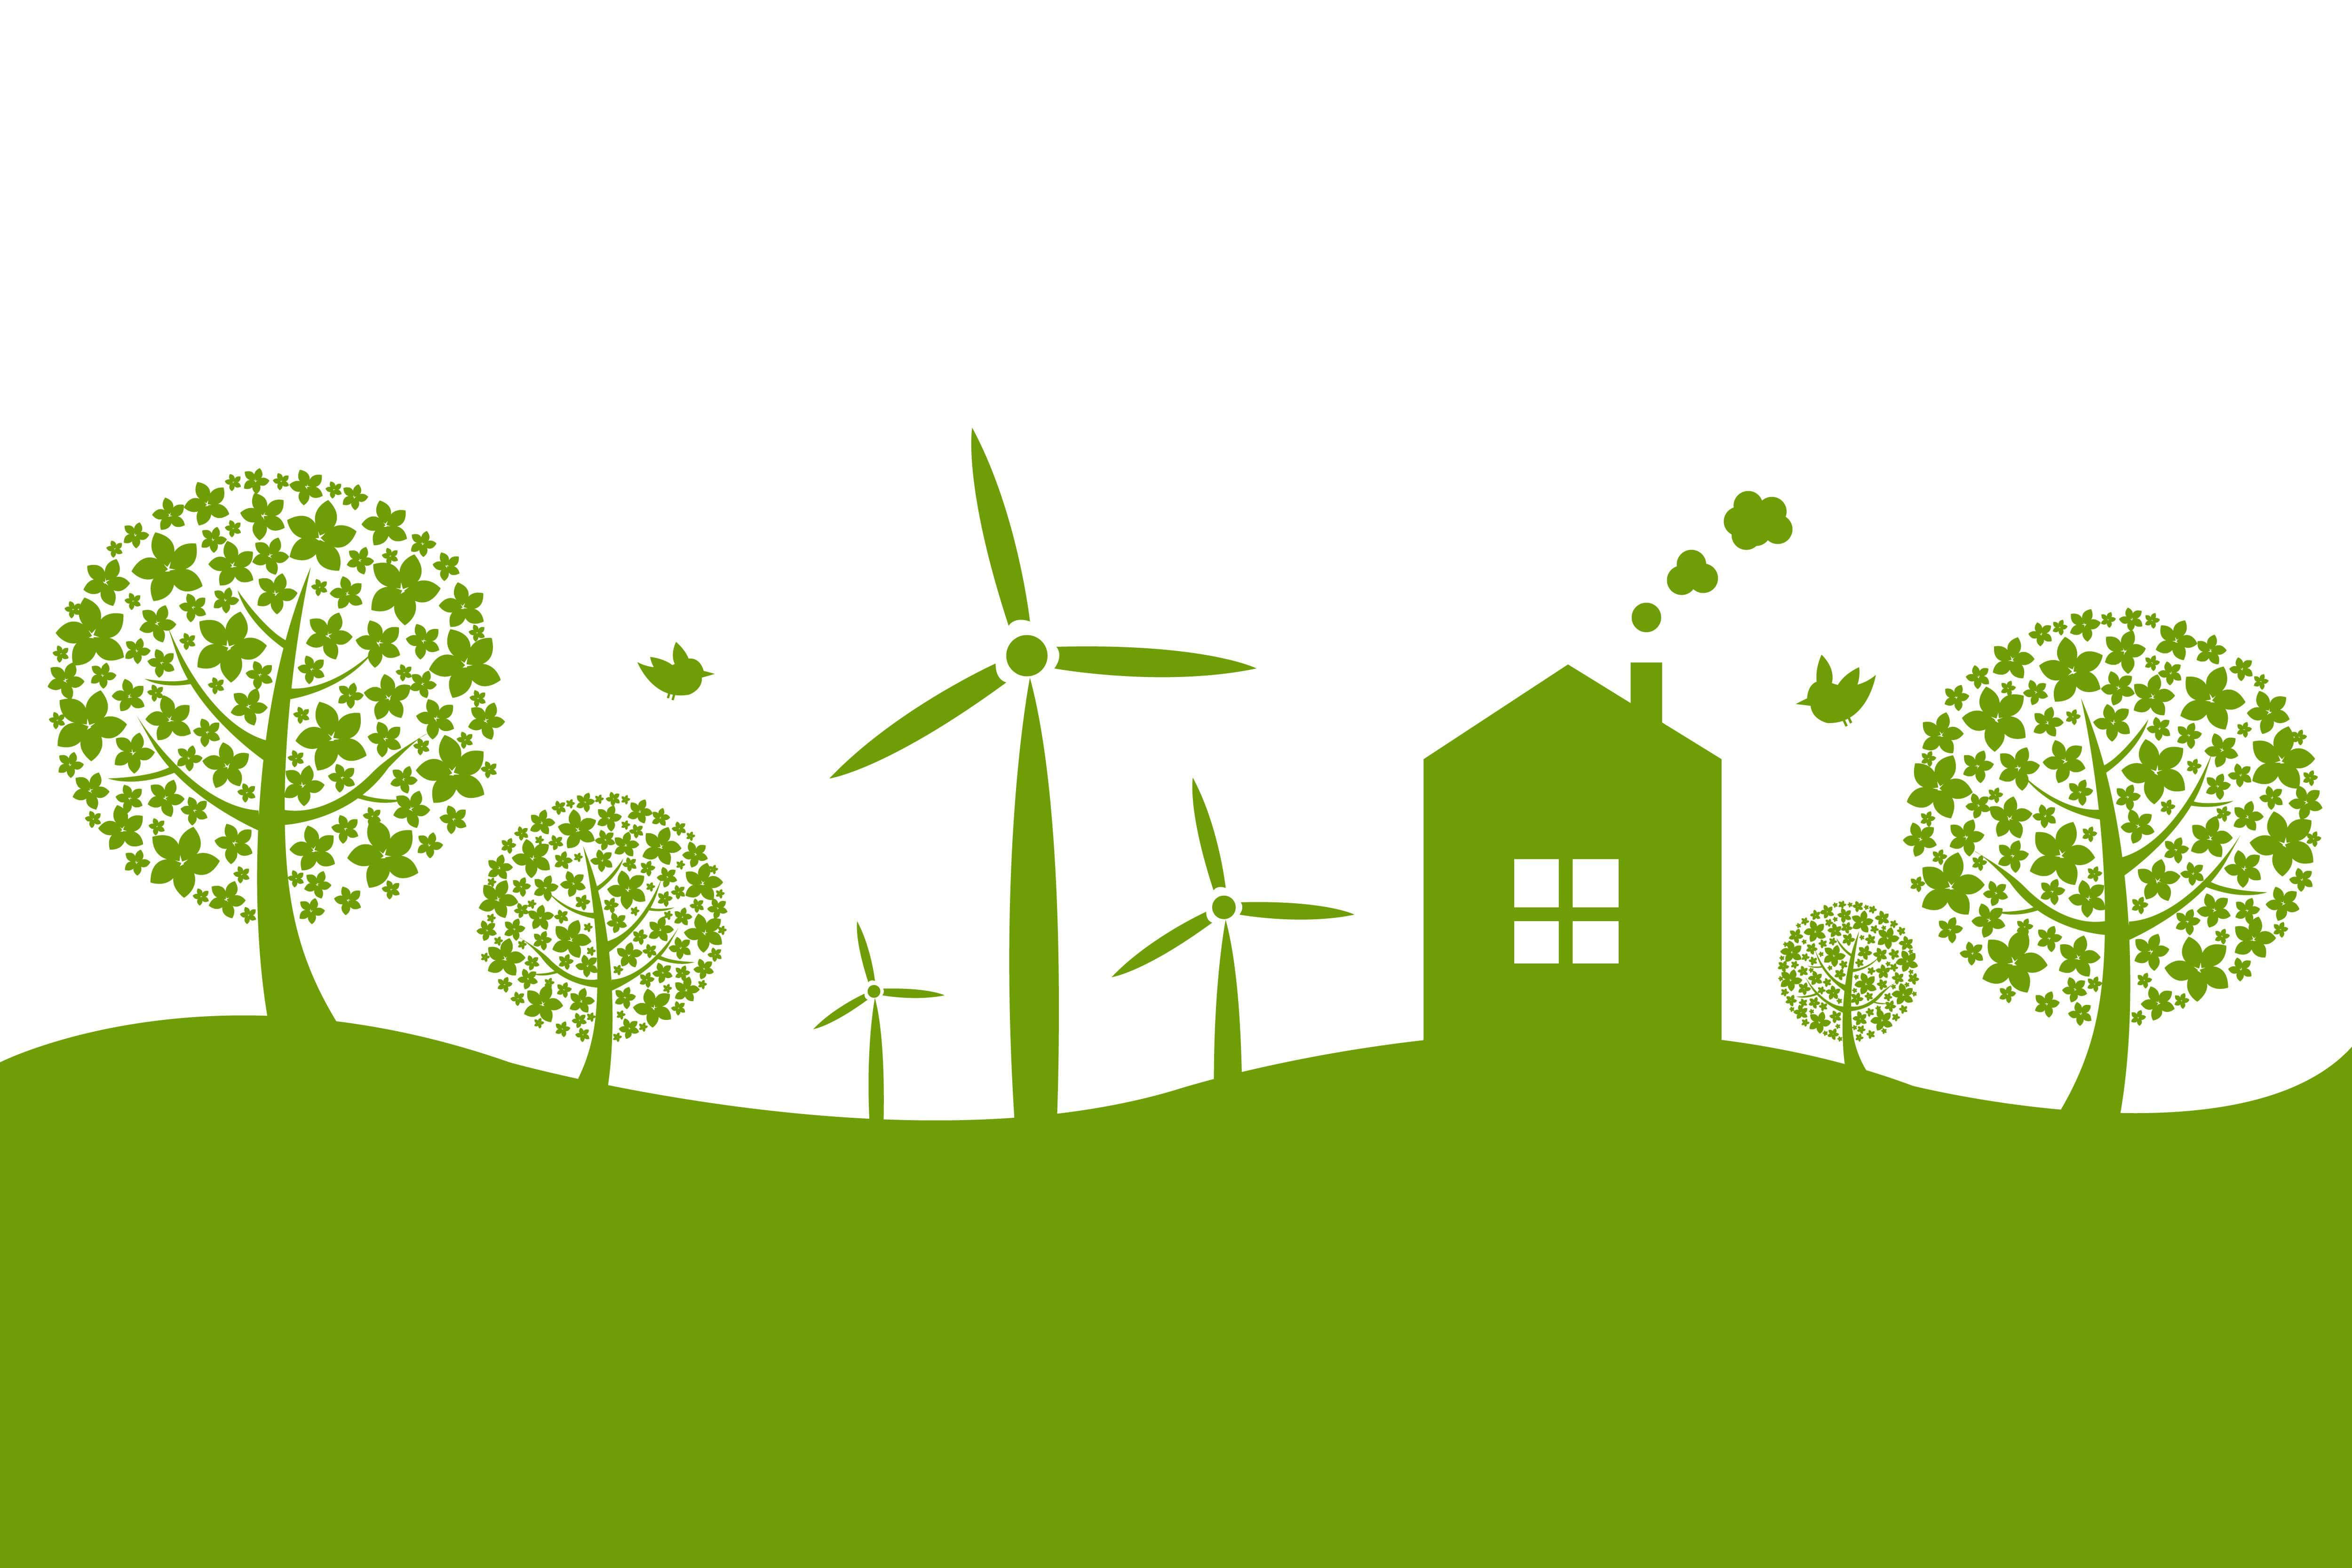 Sustentabilidade: você já ouviu isso?